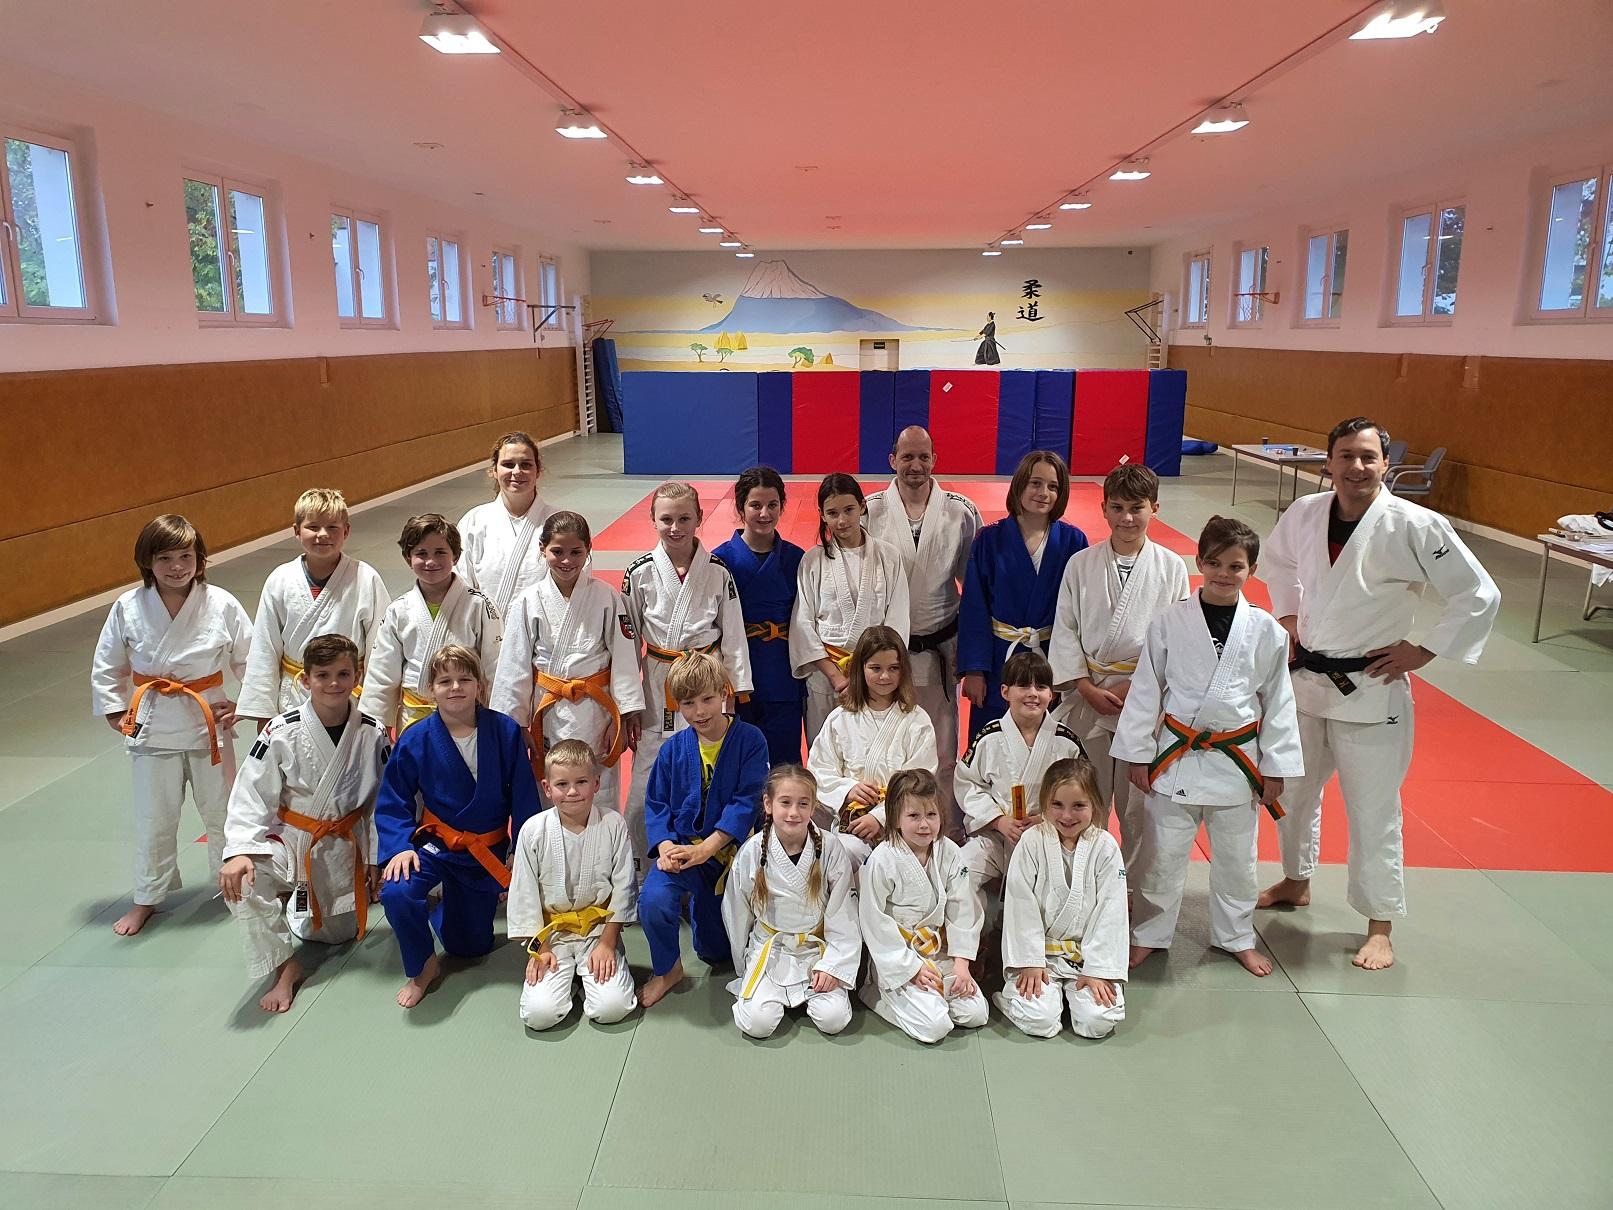 glückliche Judoka nach bestandener Gürtelprüfung